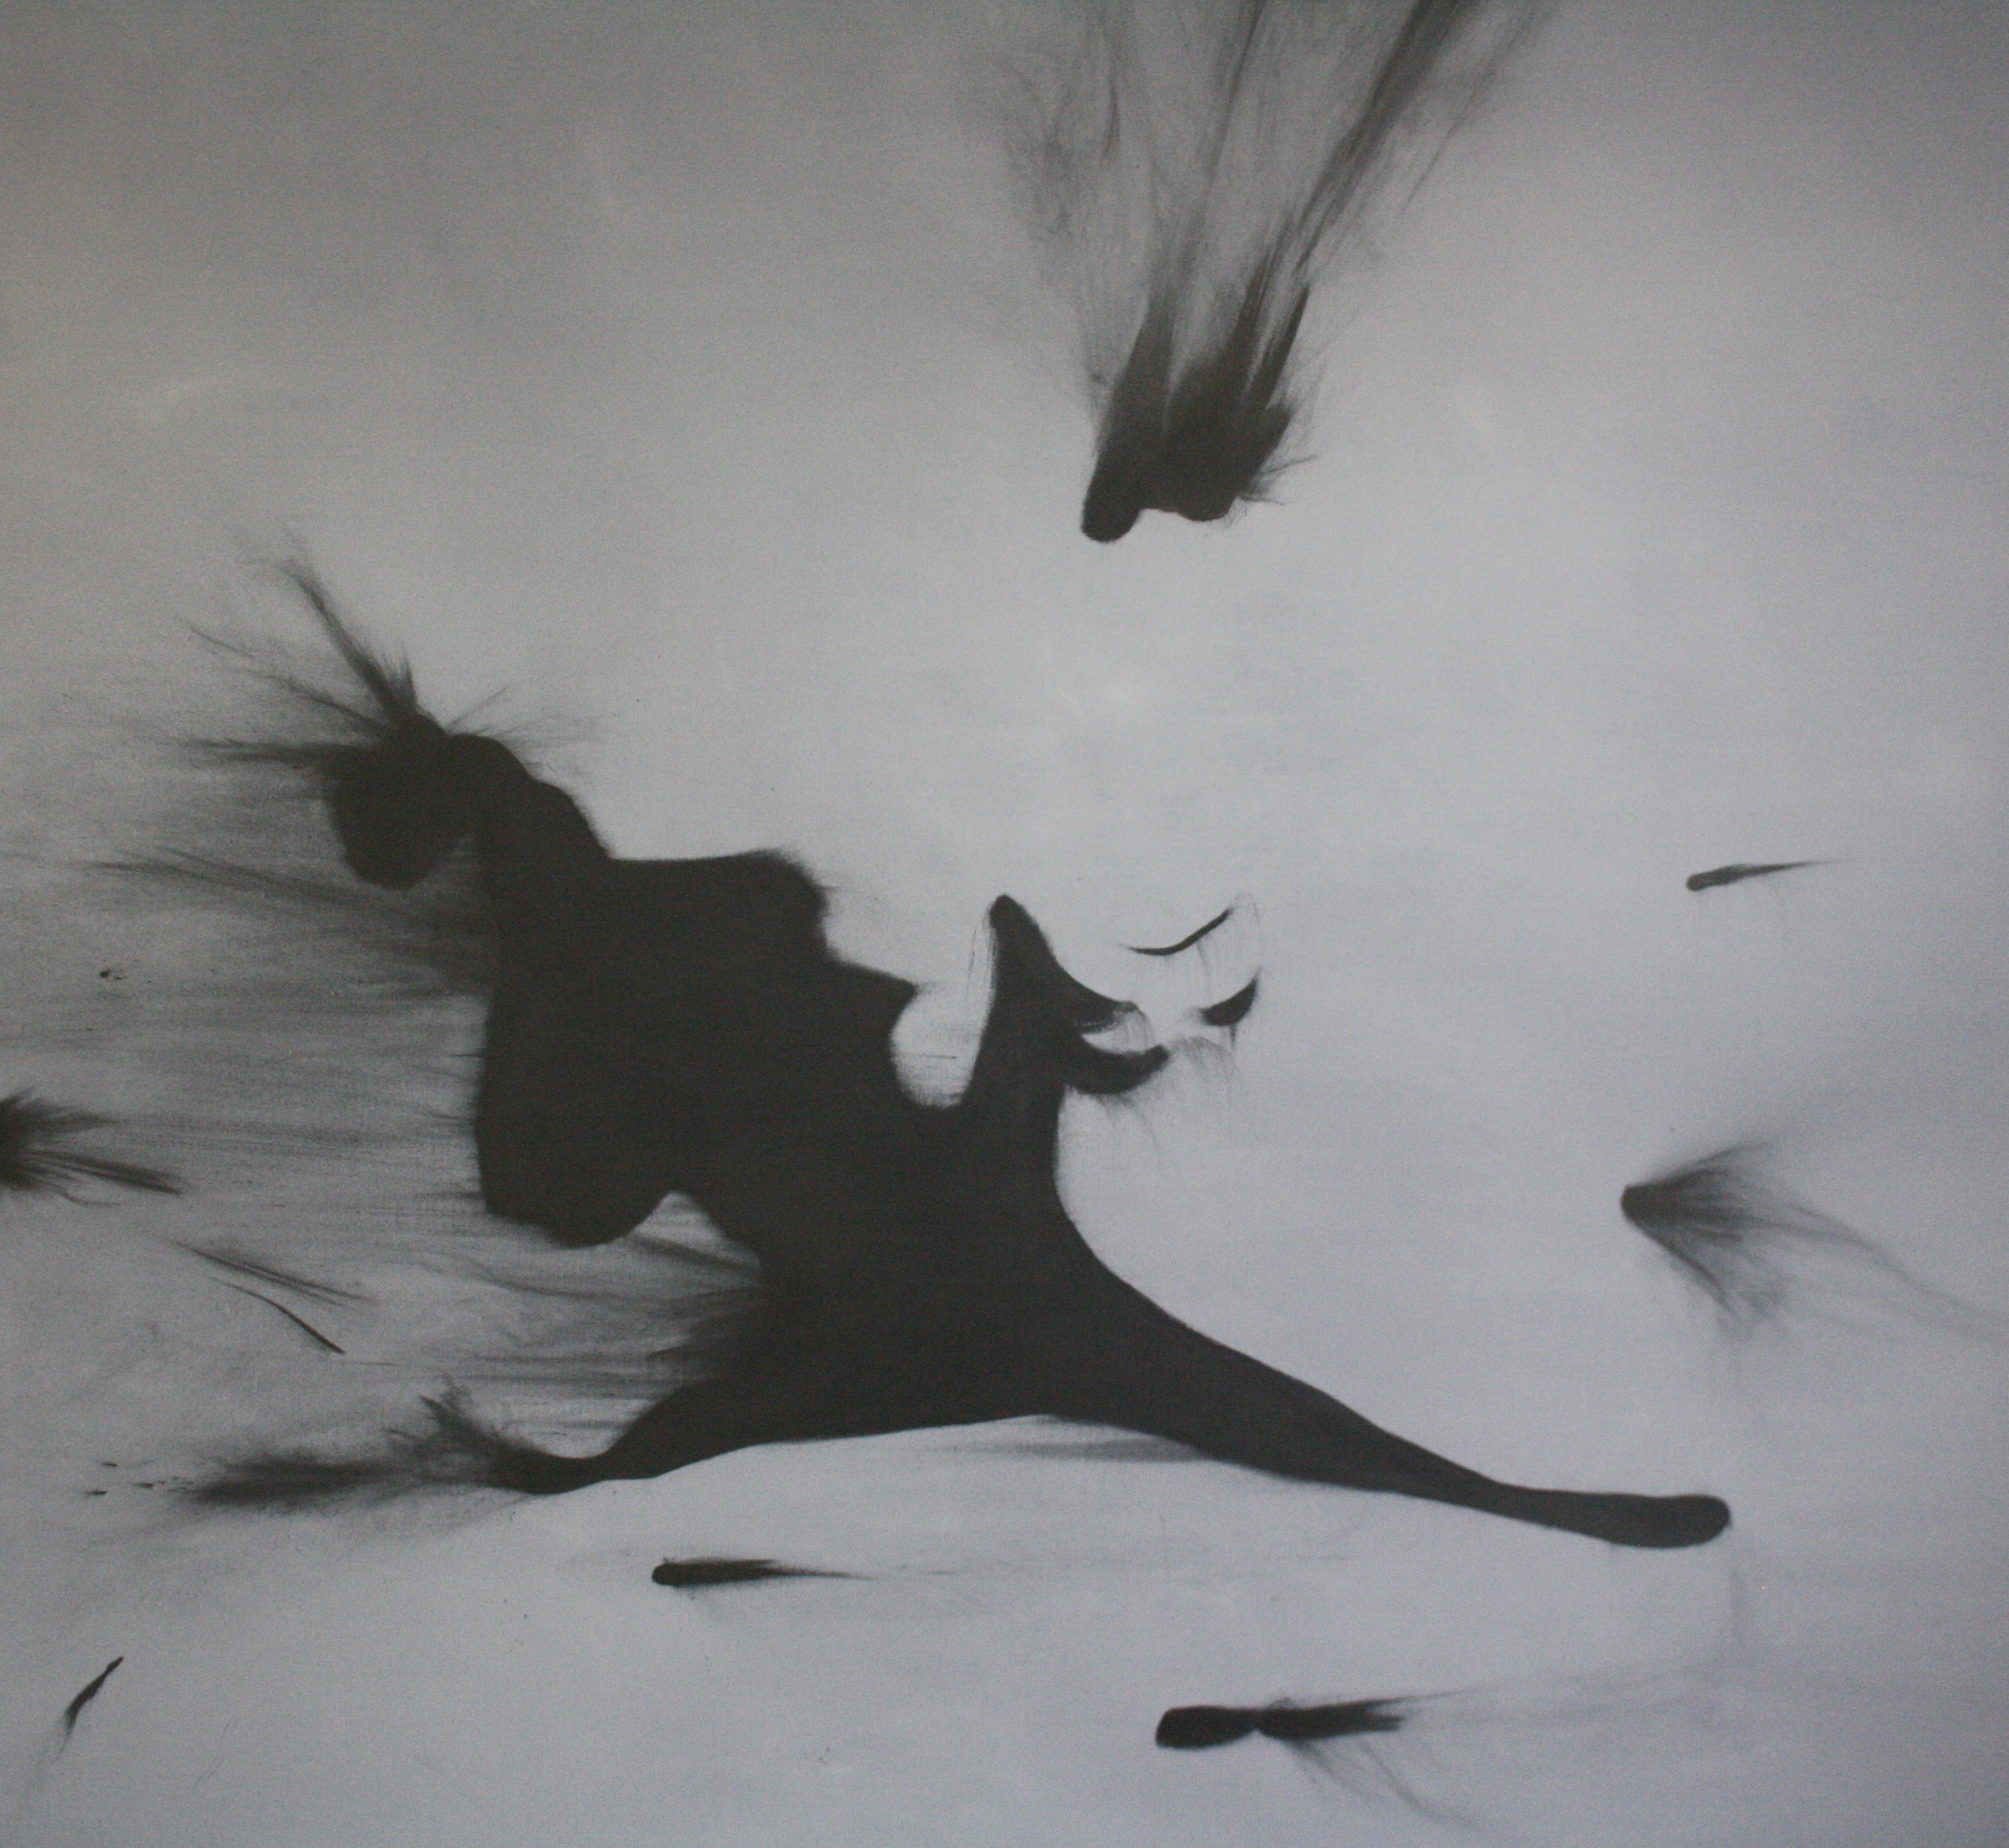 Petr Nikl, Půltvář, 2013, 200 x 95,5 cm, olej na pl., grafit